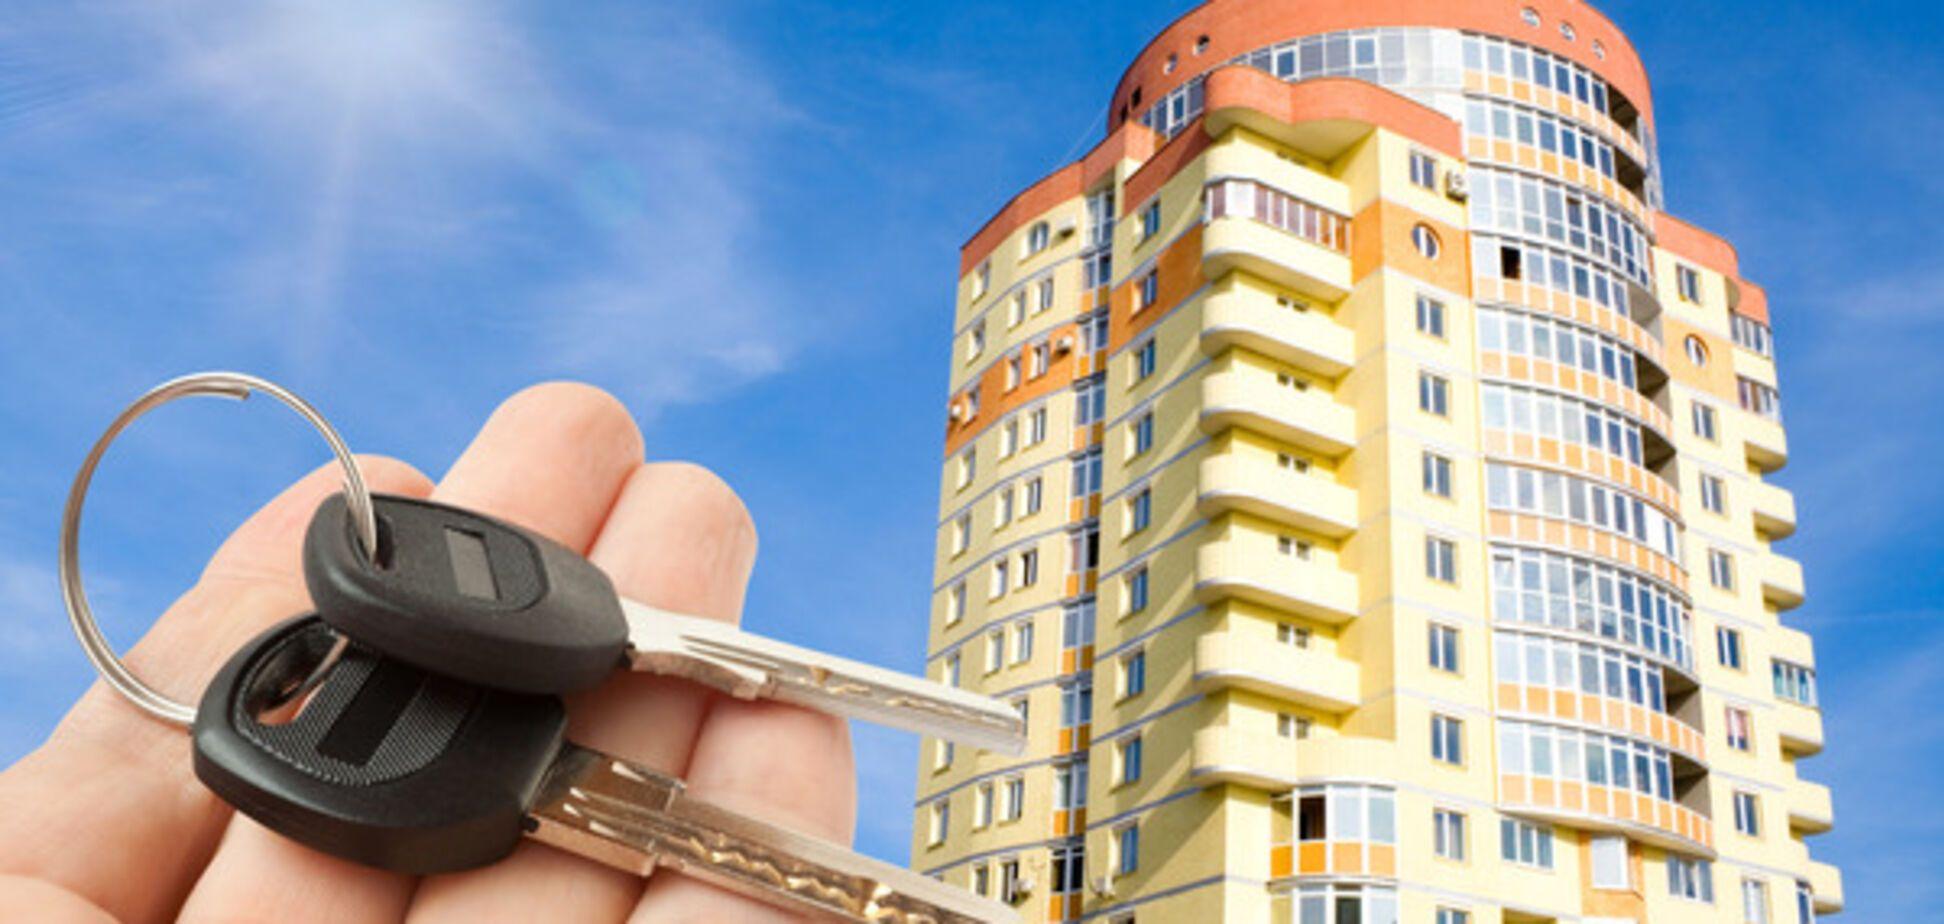 Придбання квартири